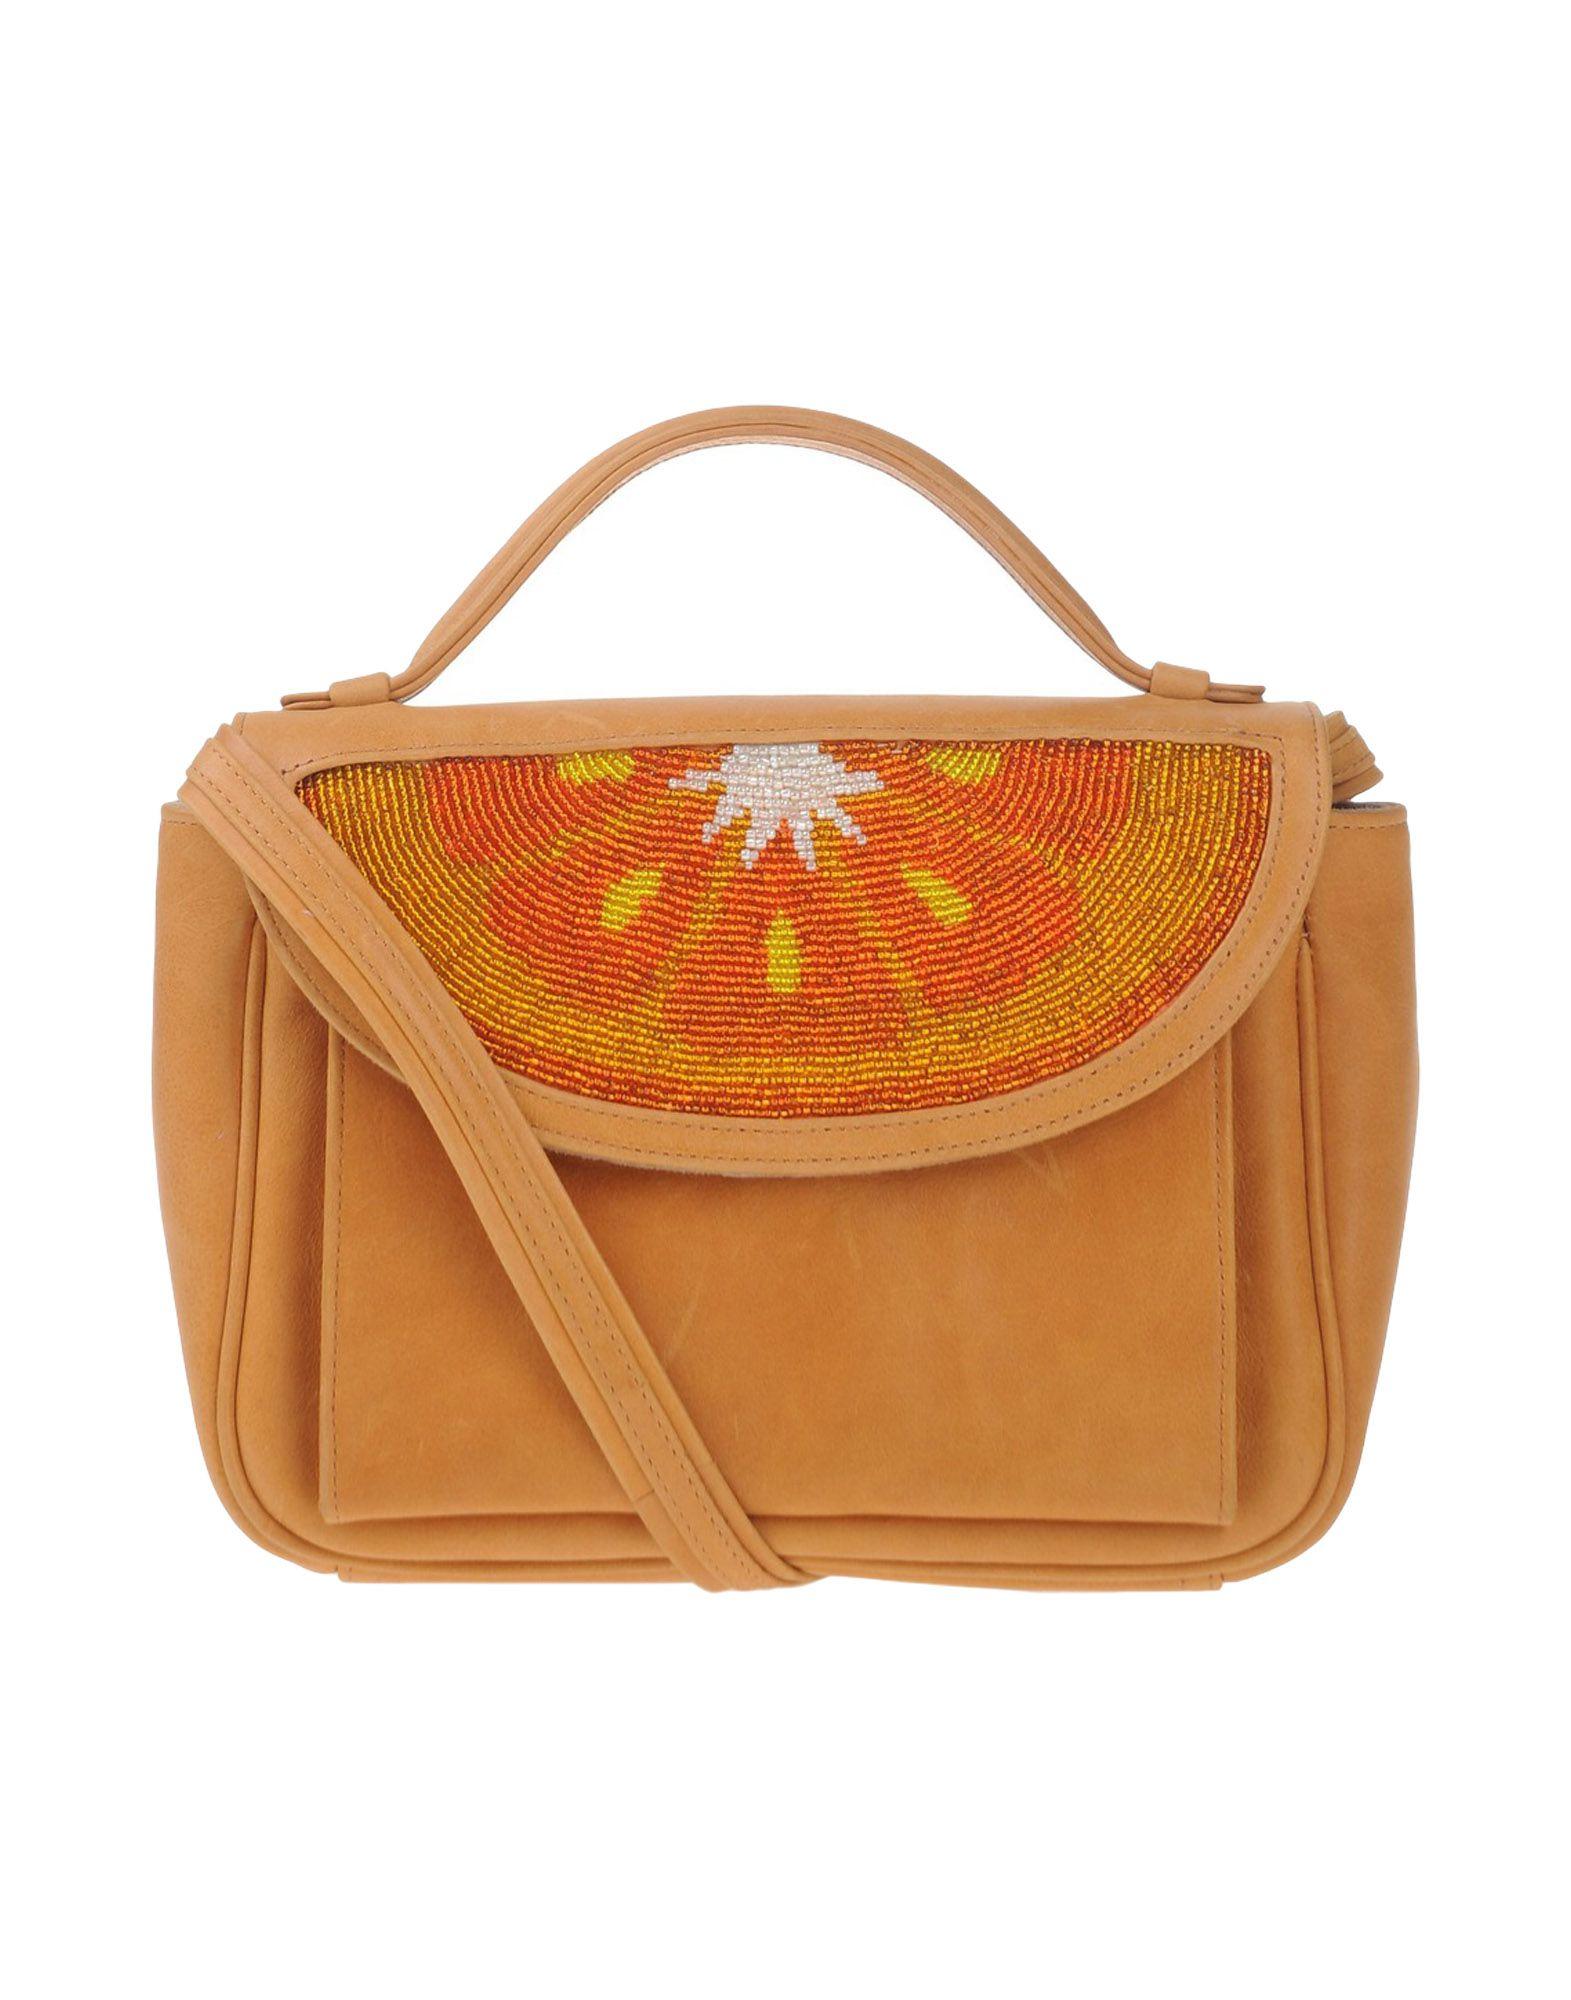 Sarah's bag Handbag in Natural